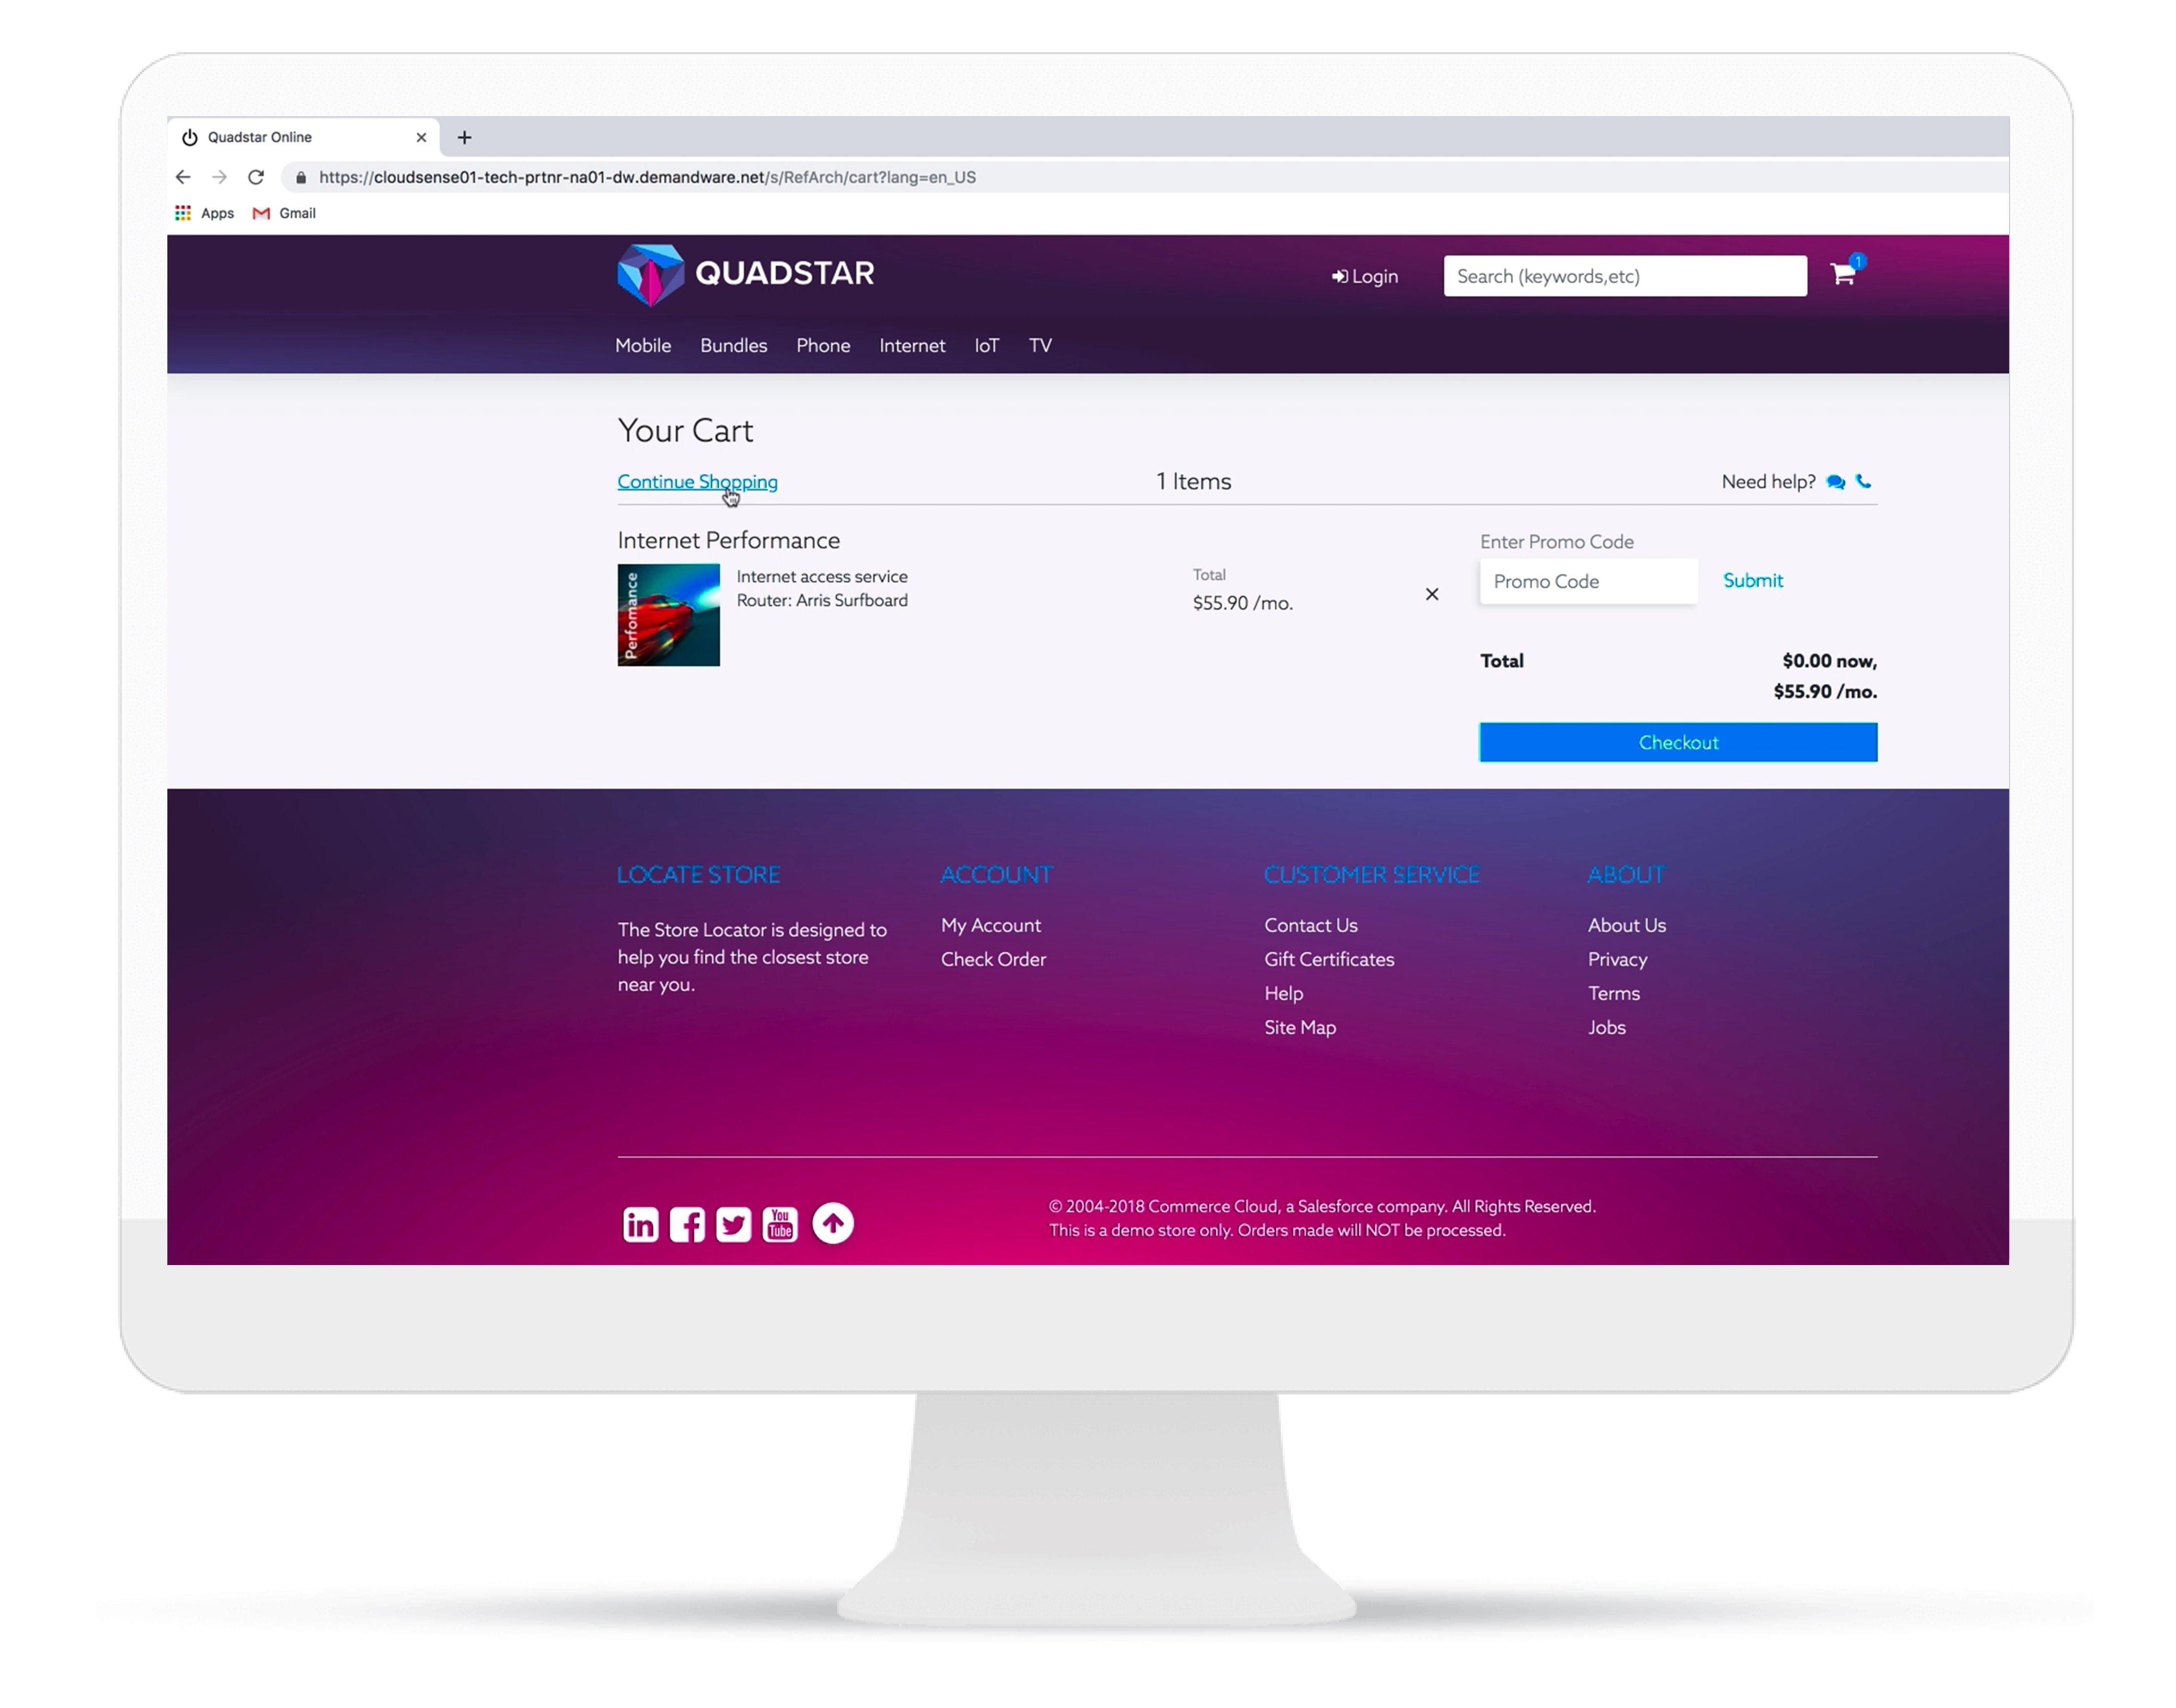 Commerce Cloud Launch